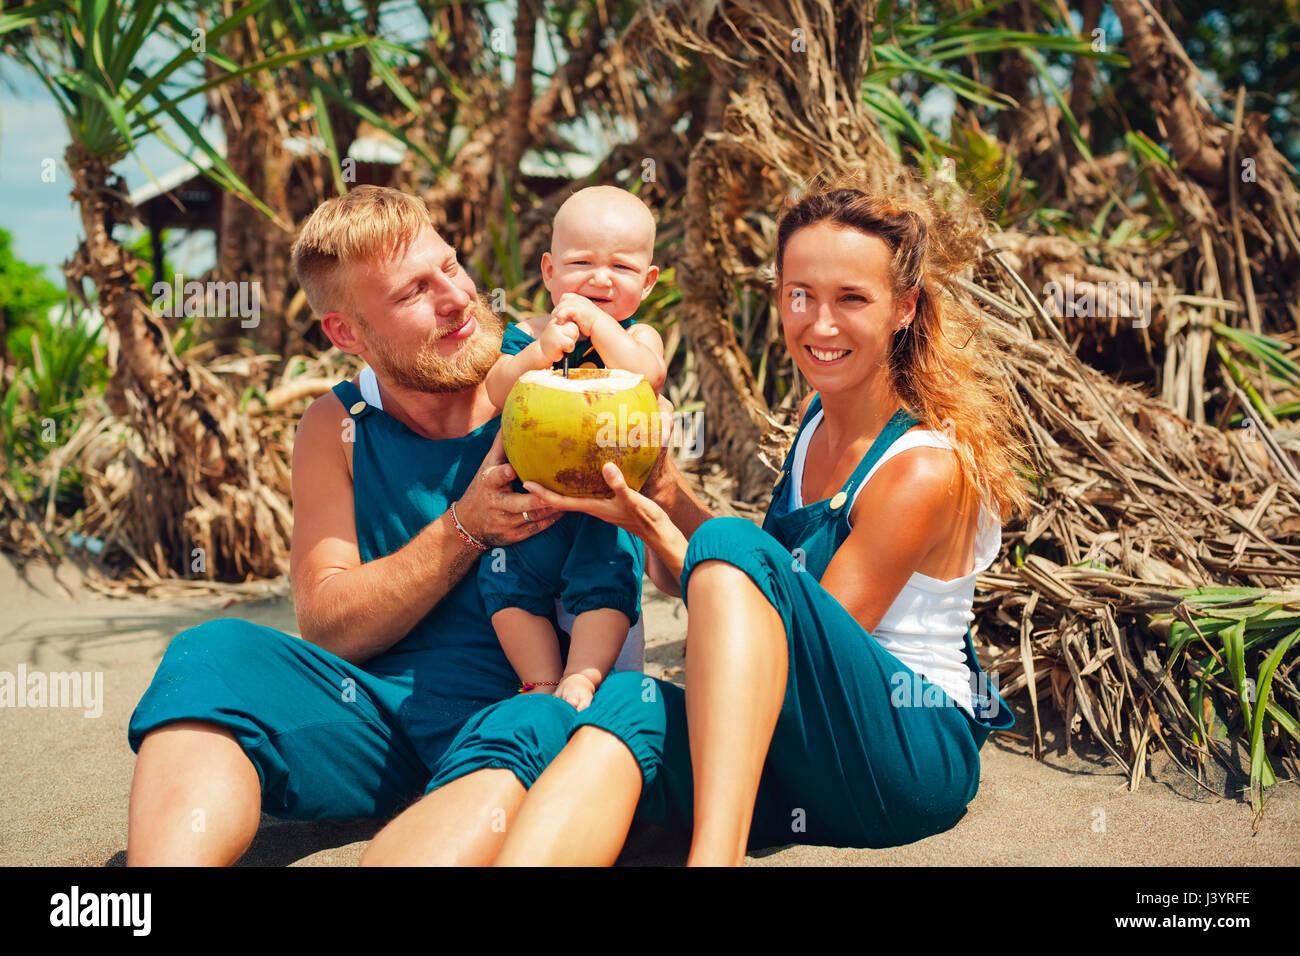 Drôle de famille heureuse pique-nique sur plage - mère, père nourrir bébé garçon. Photo Stock